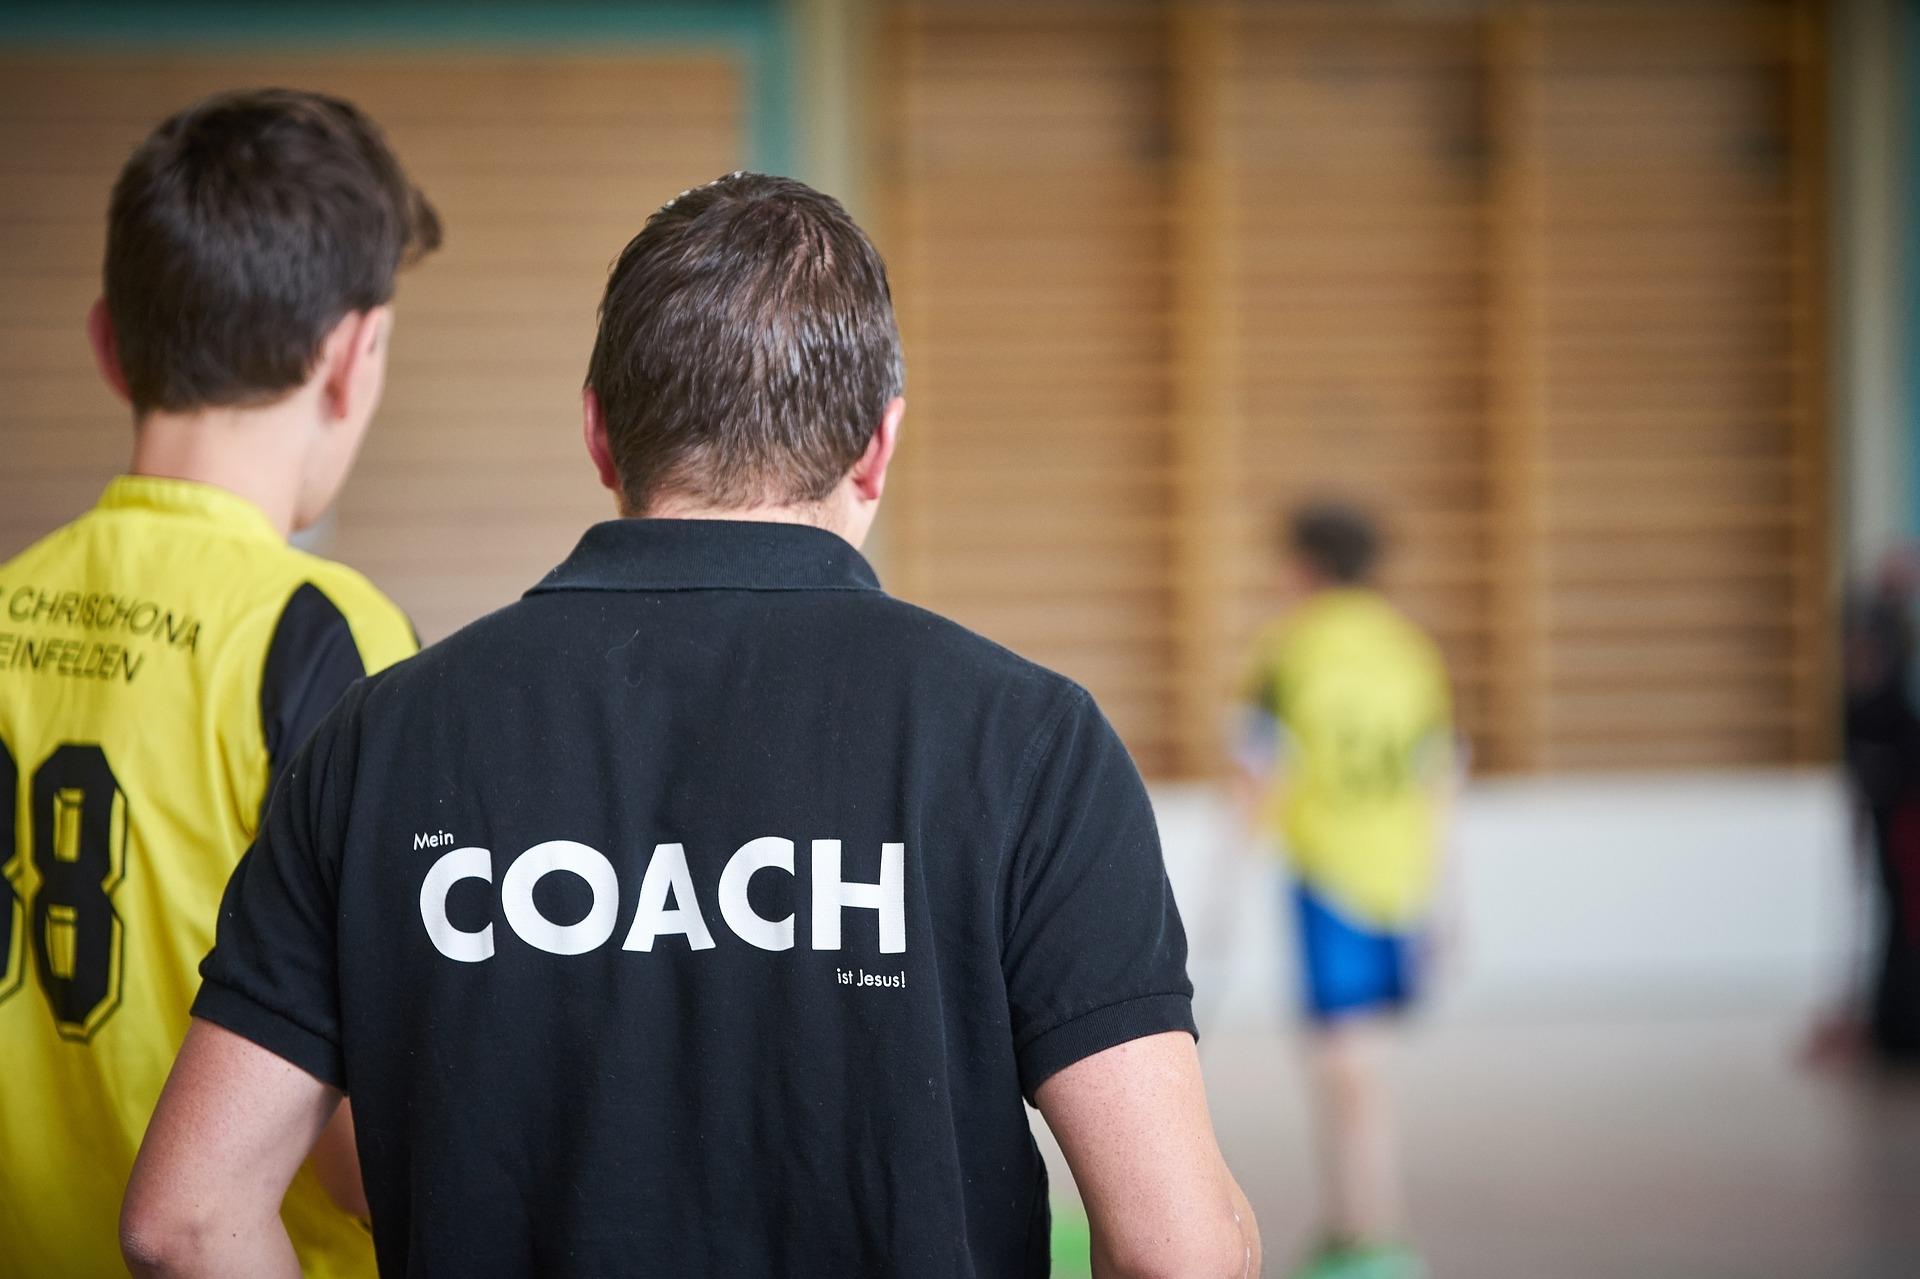 Geld verdienen durch Gruppen-Coachings